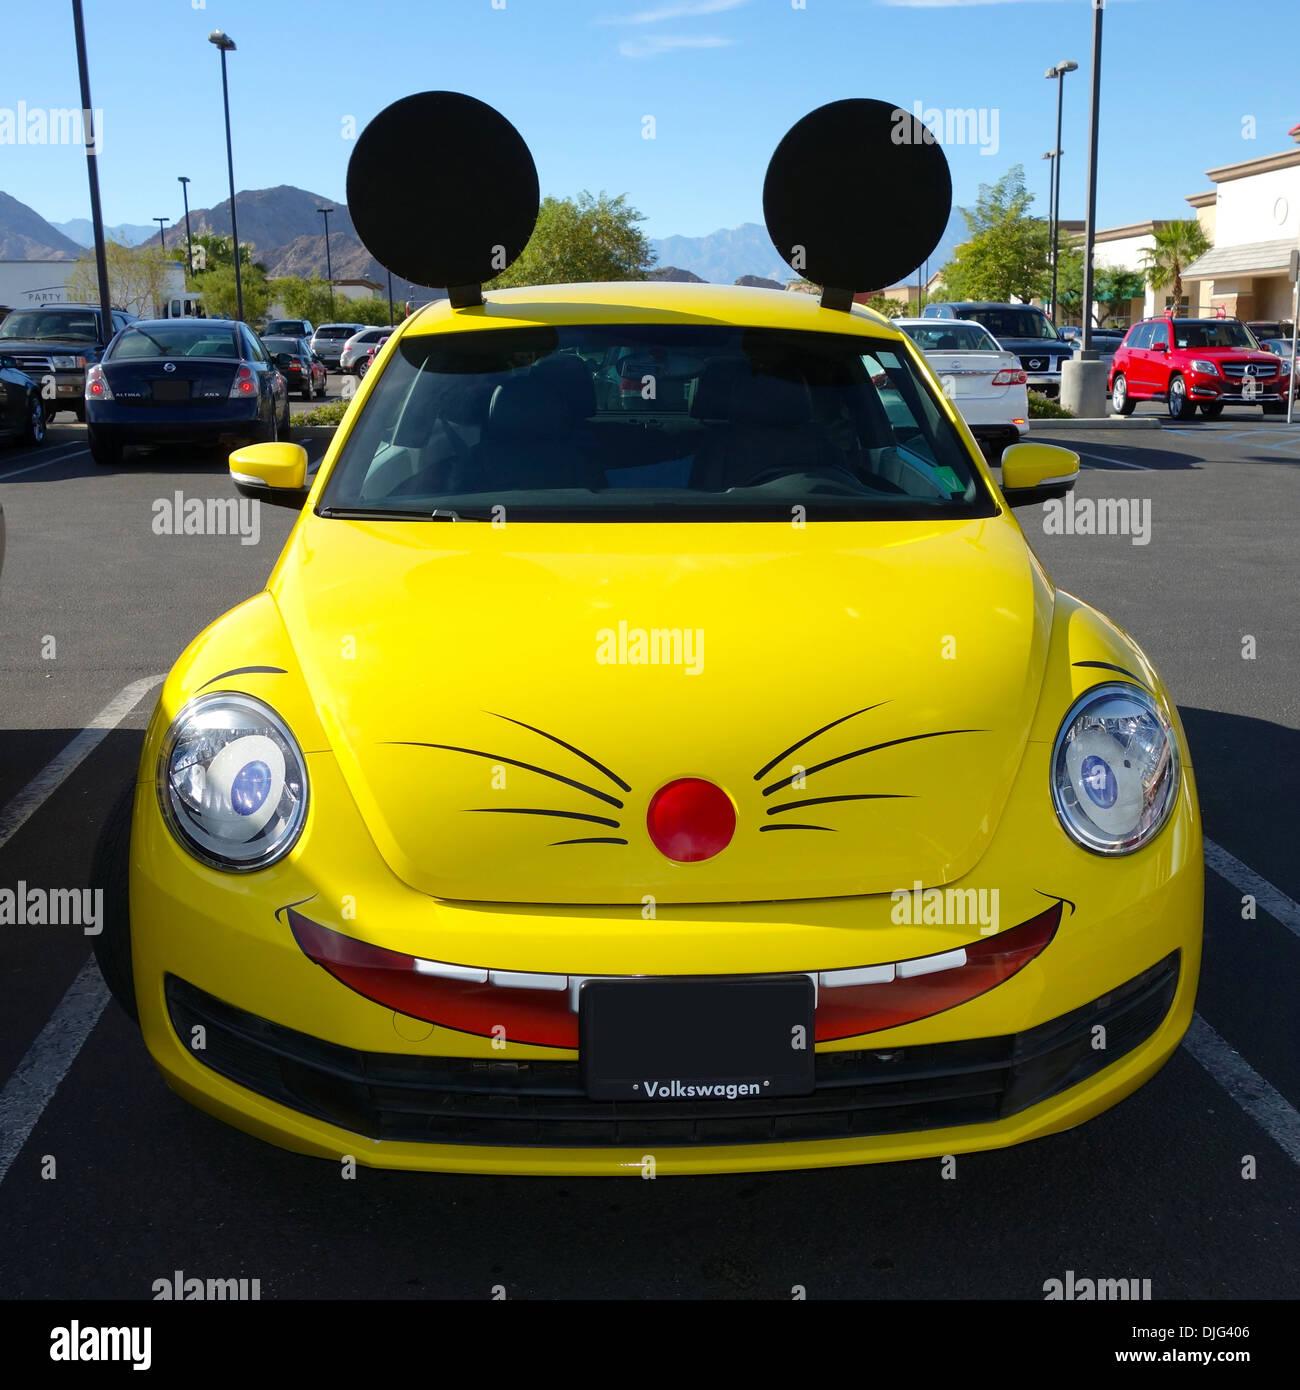 Volkswagen Dayton Ohio: Volkswagen Usa Stockfotos & Volkswagen Usa Bilder